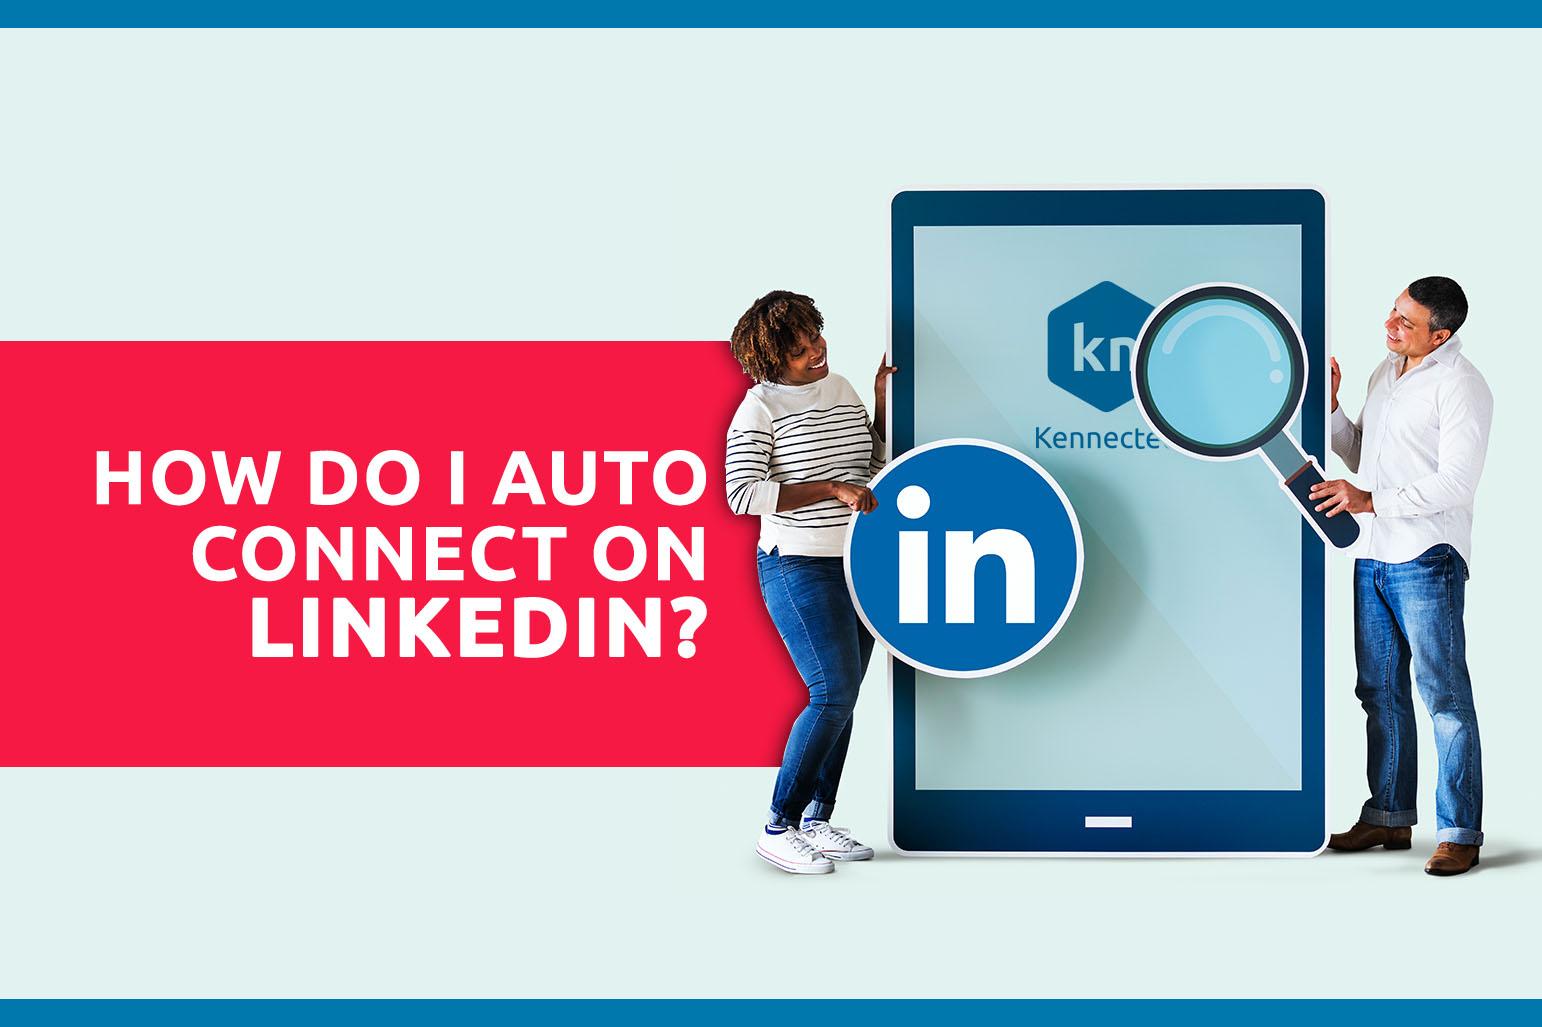 如何在LinkedIn上自动连接?